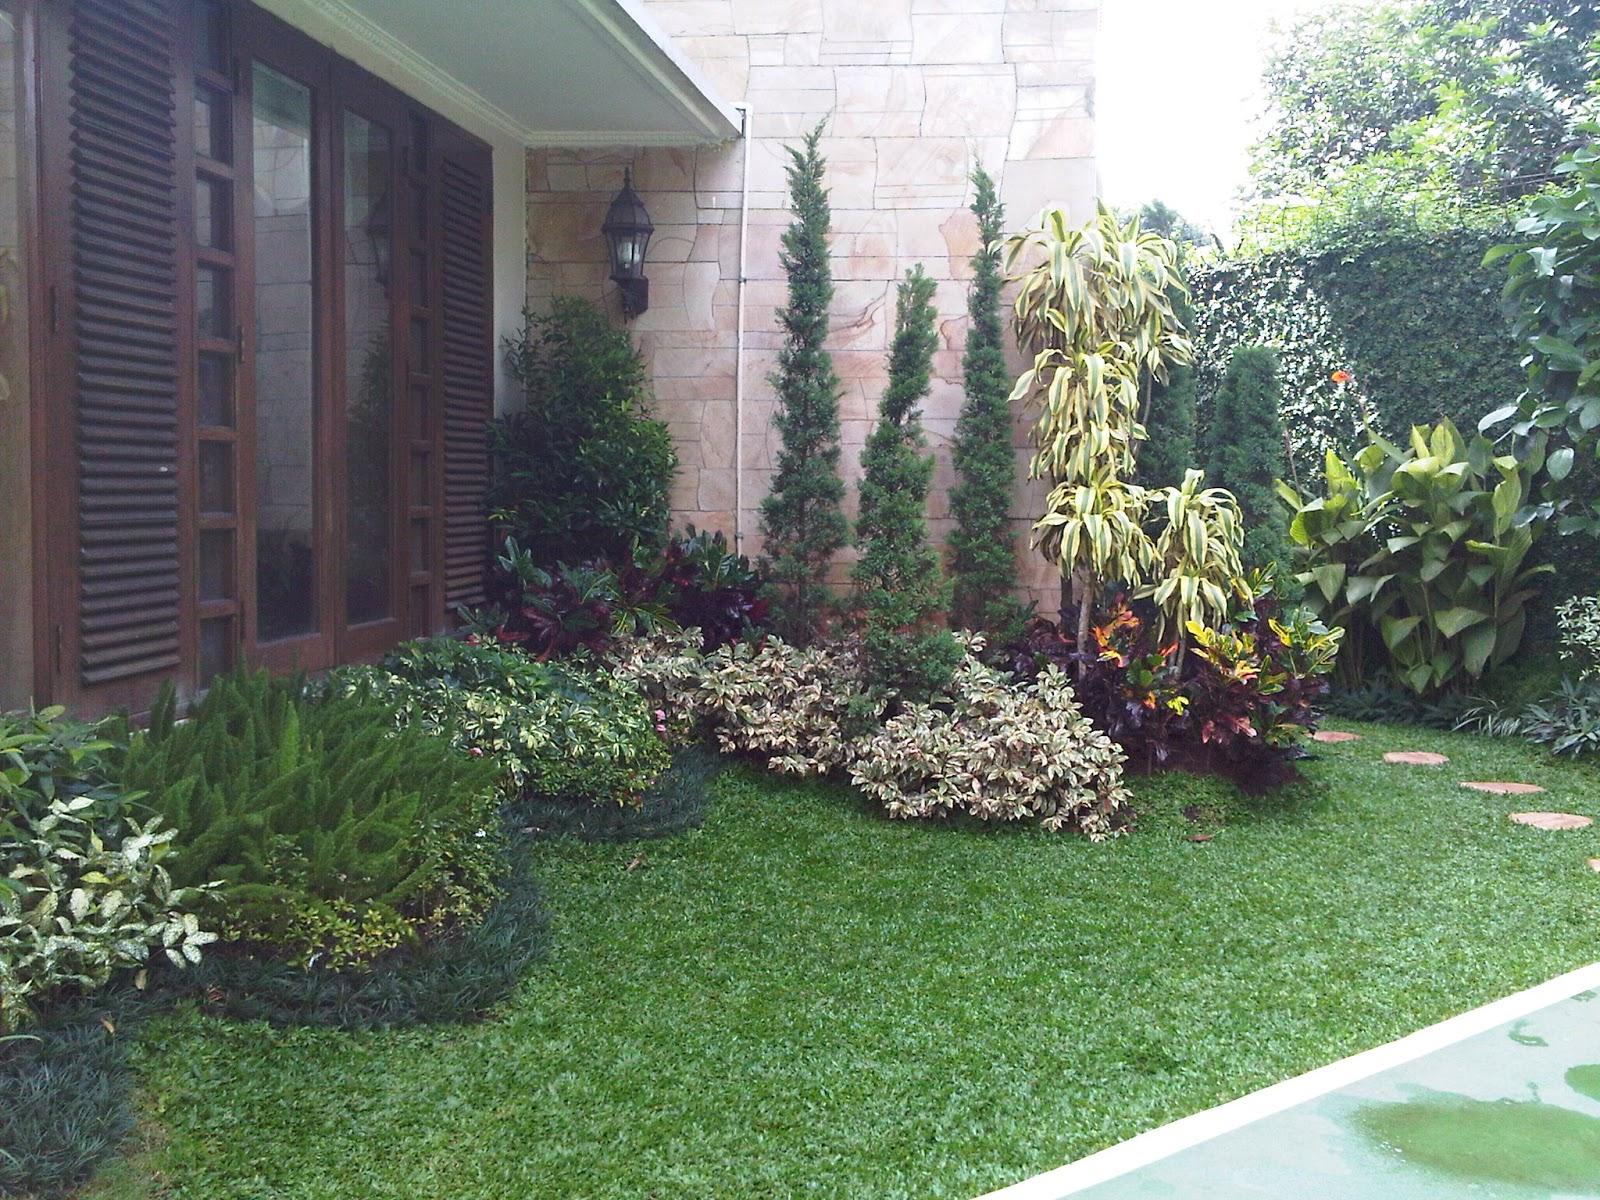 contoh gambar desain taman minimalis lahan sempit